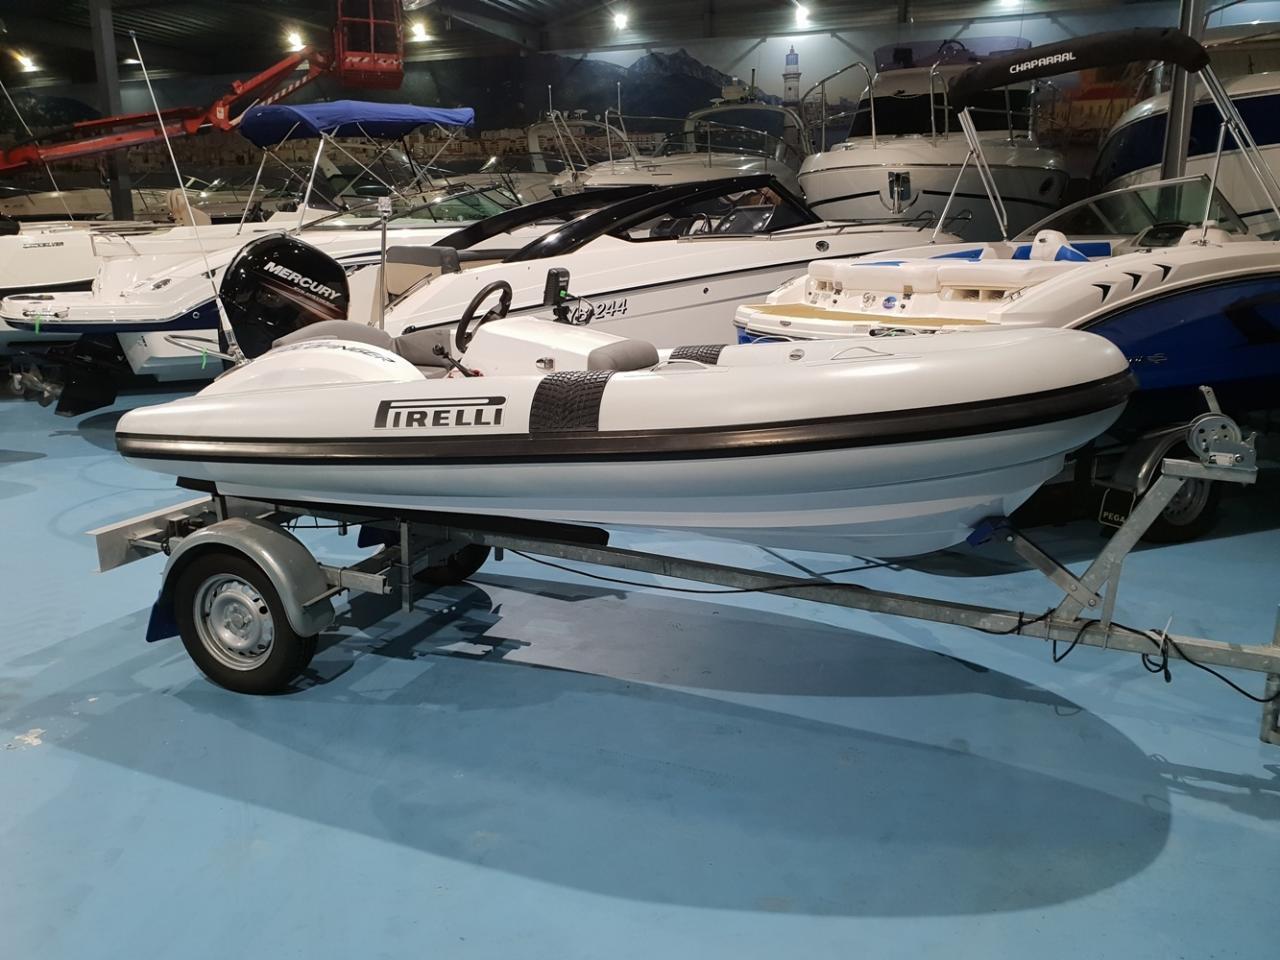 Pirelli J33 Jet Tender met Textron 80 pk NIEUWSTAAT! 1